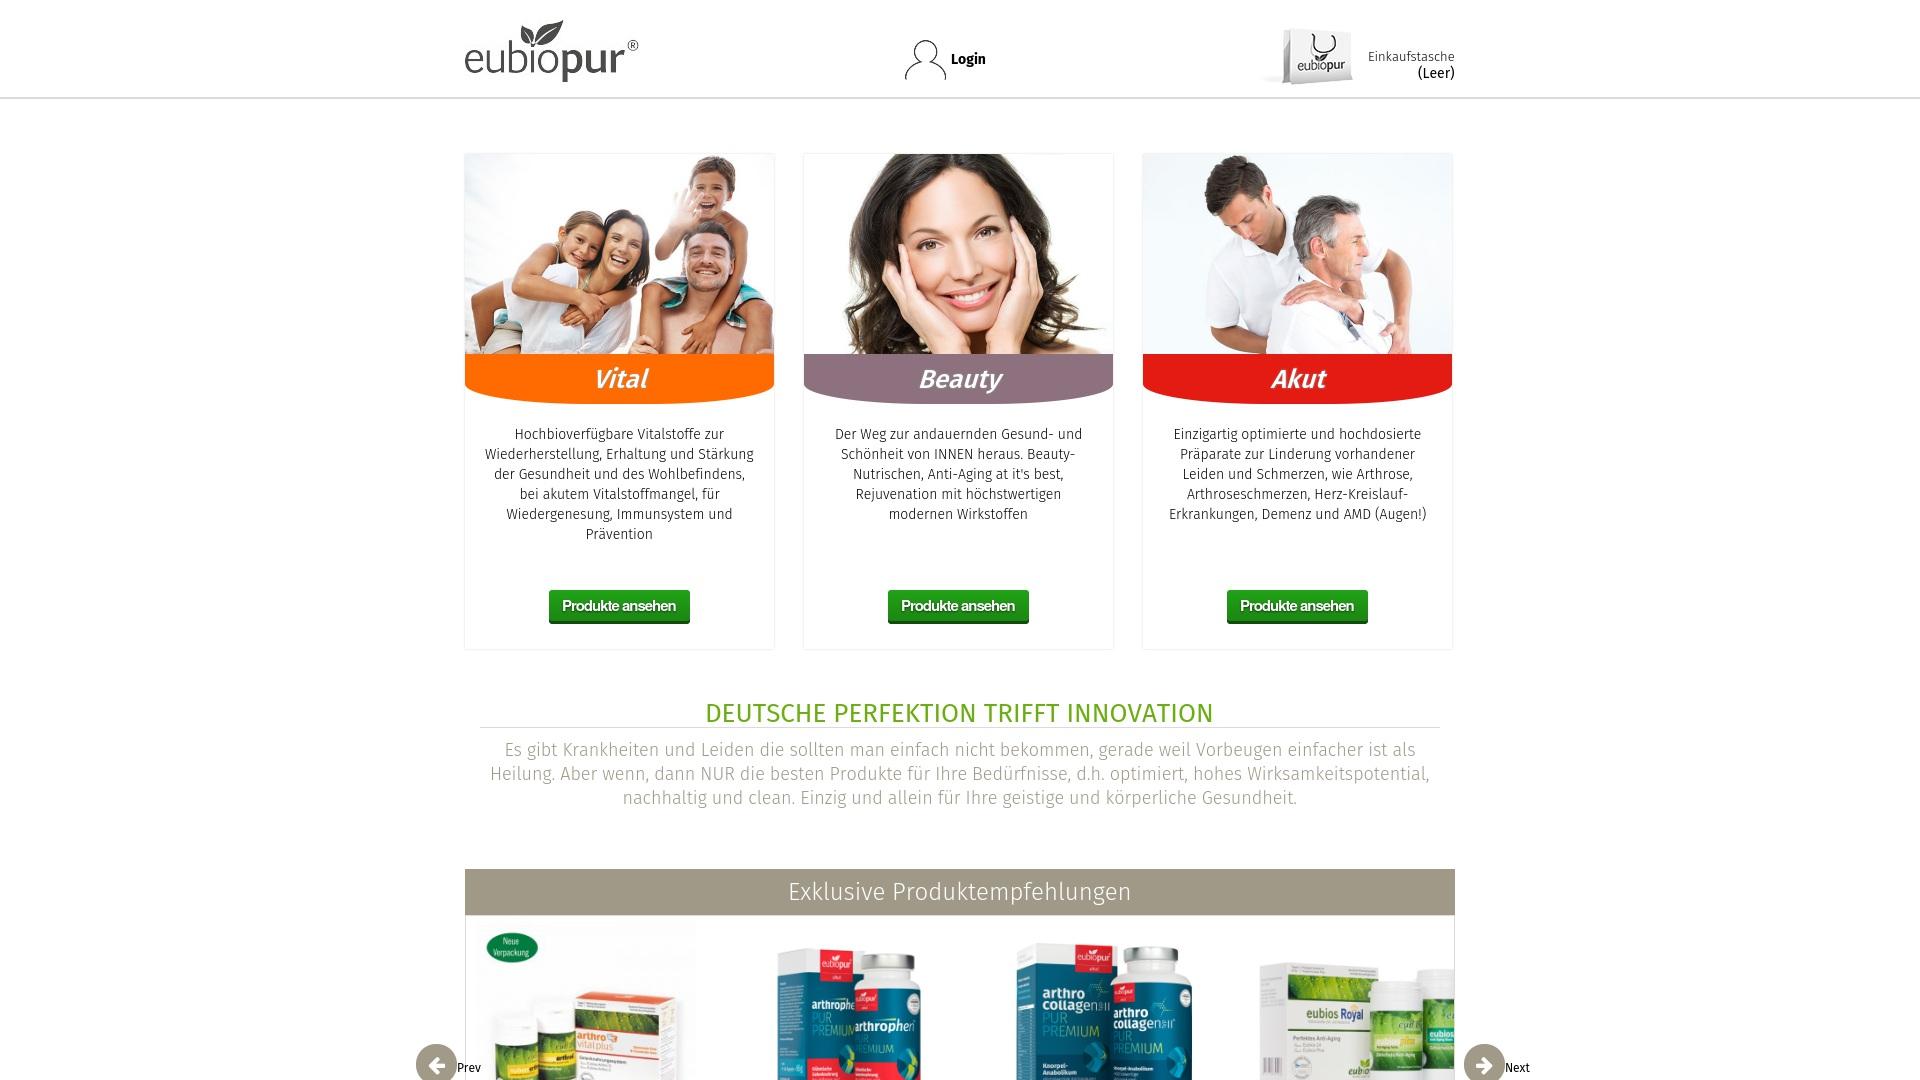 Gutschein für Eubiopur: Rabatte für  Eubiopur sichern